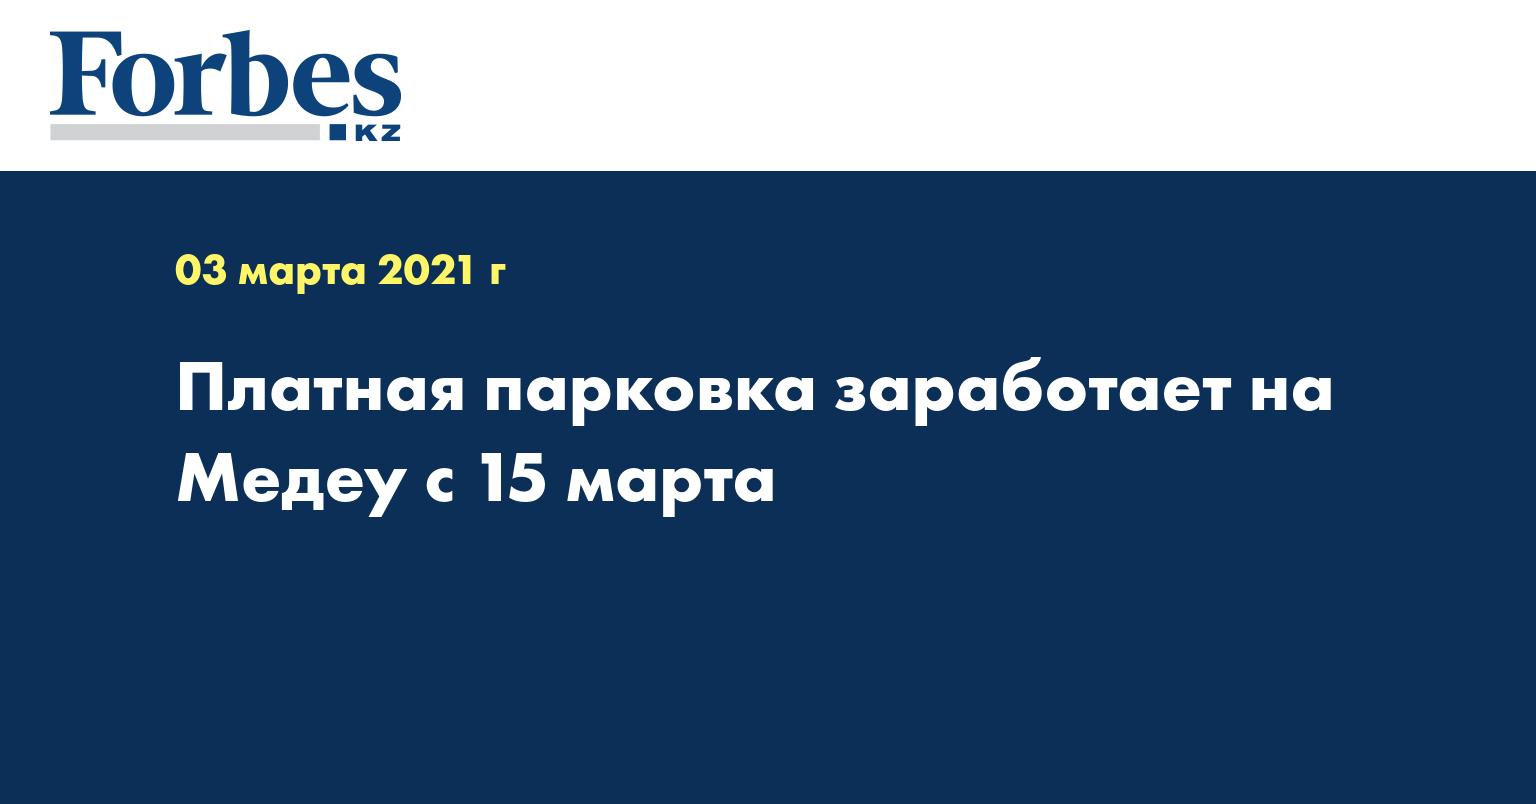 Платная парковка заработает на Медеу с 15 марта